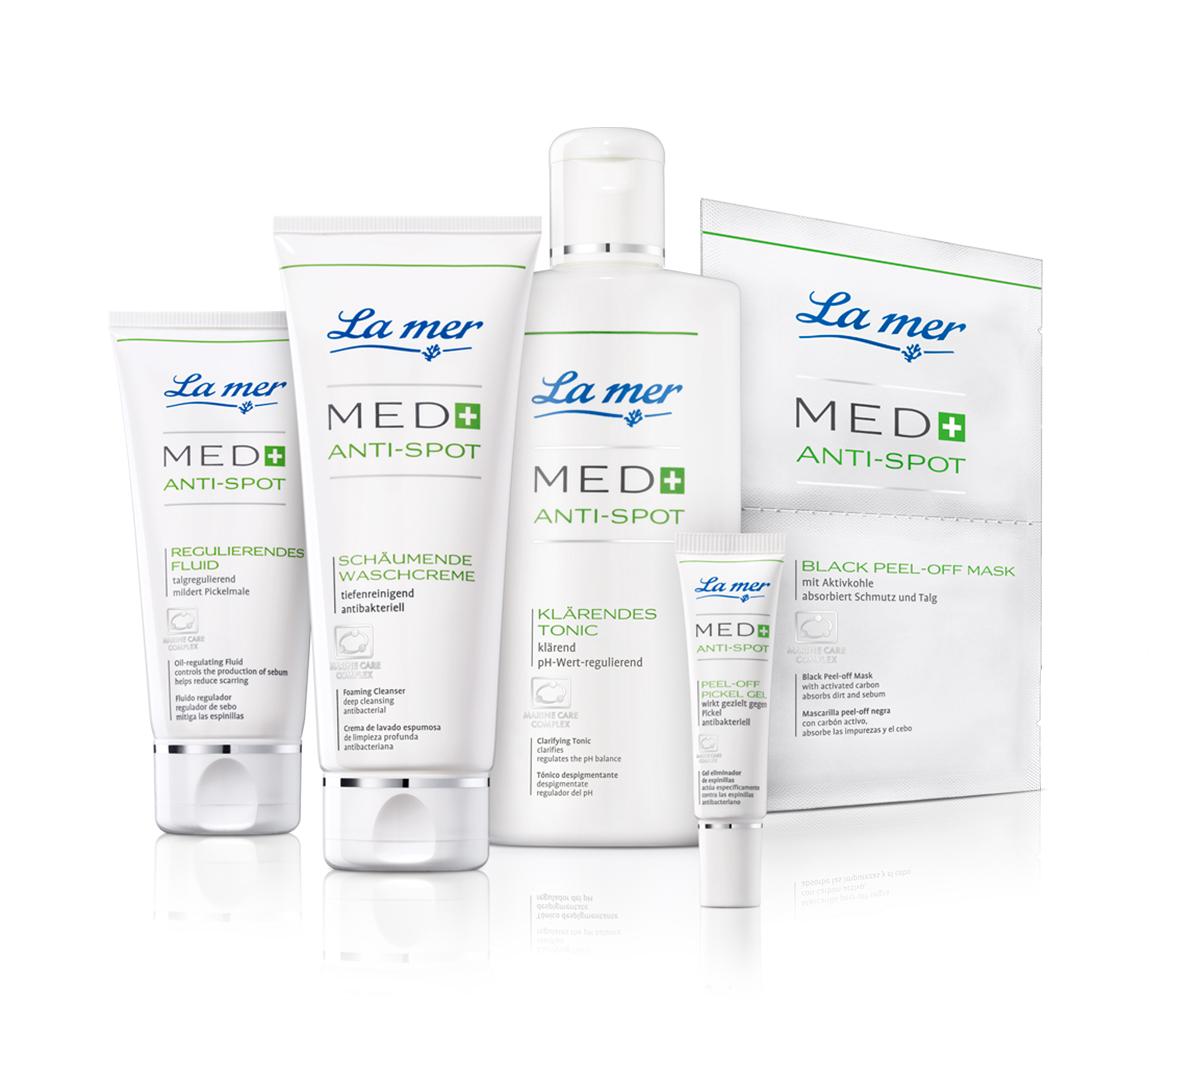 Med+ Anti-Spot